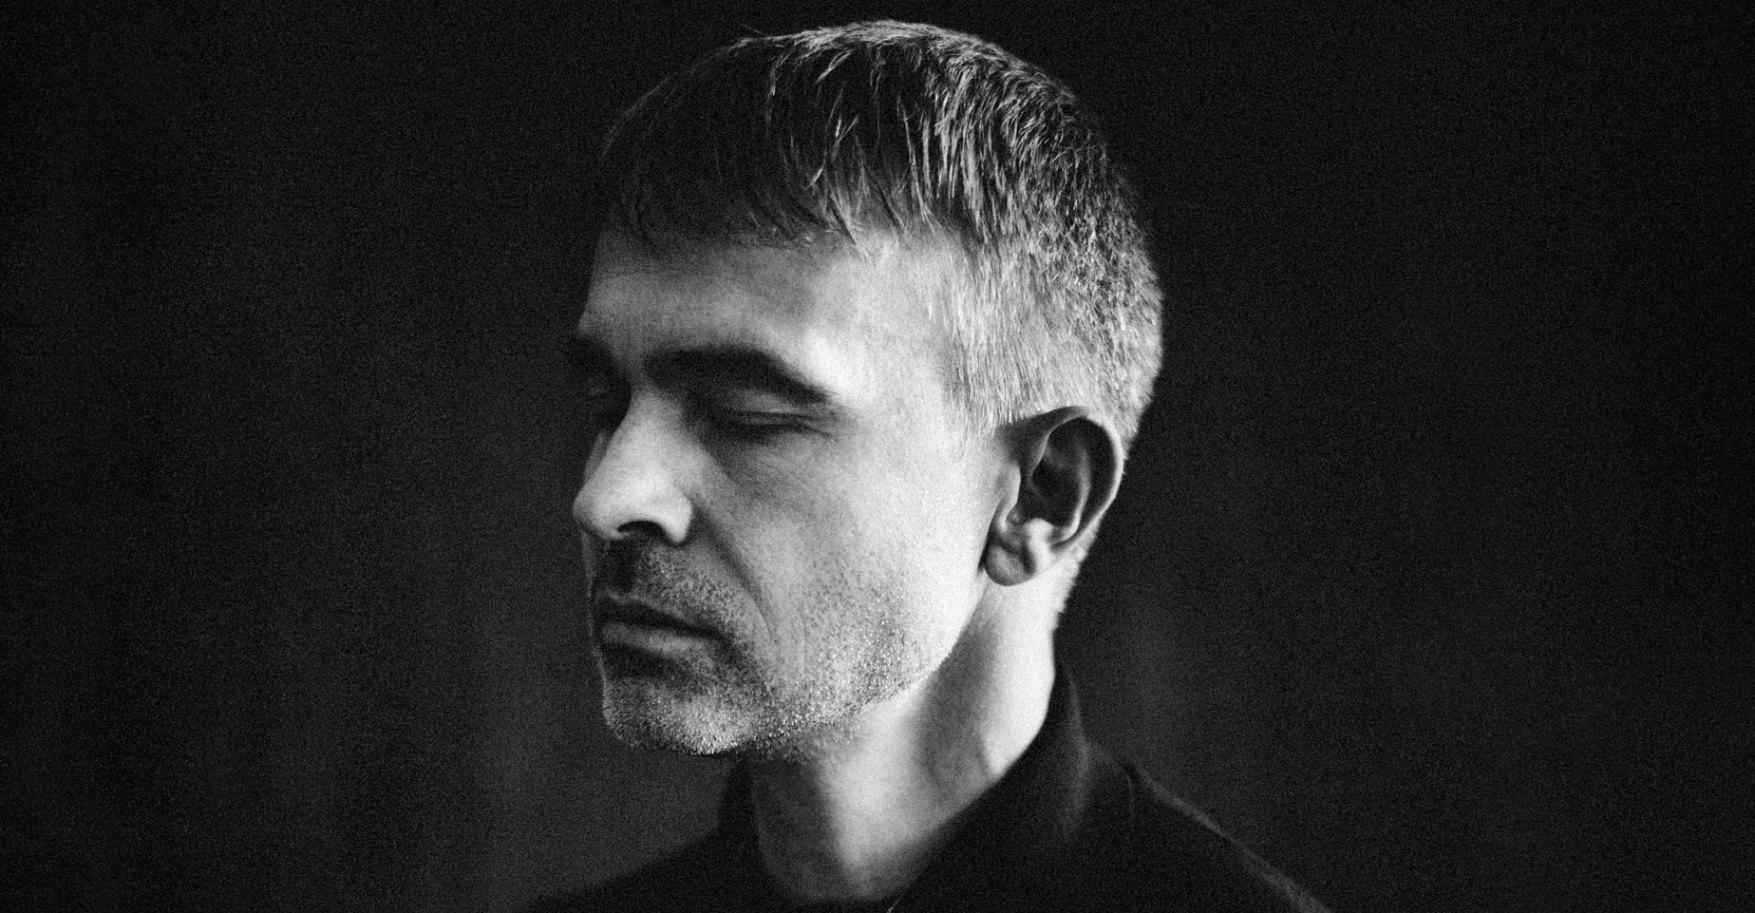 Willy Vanderperre Photographer Interview